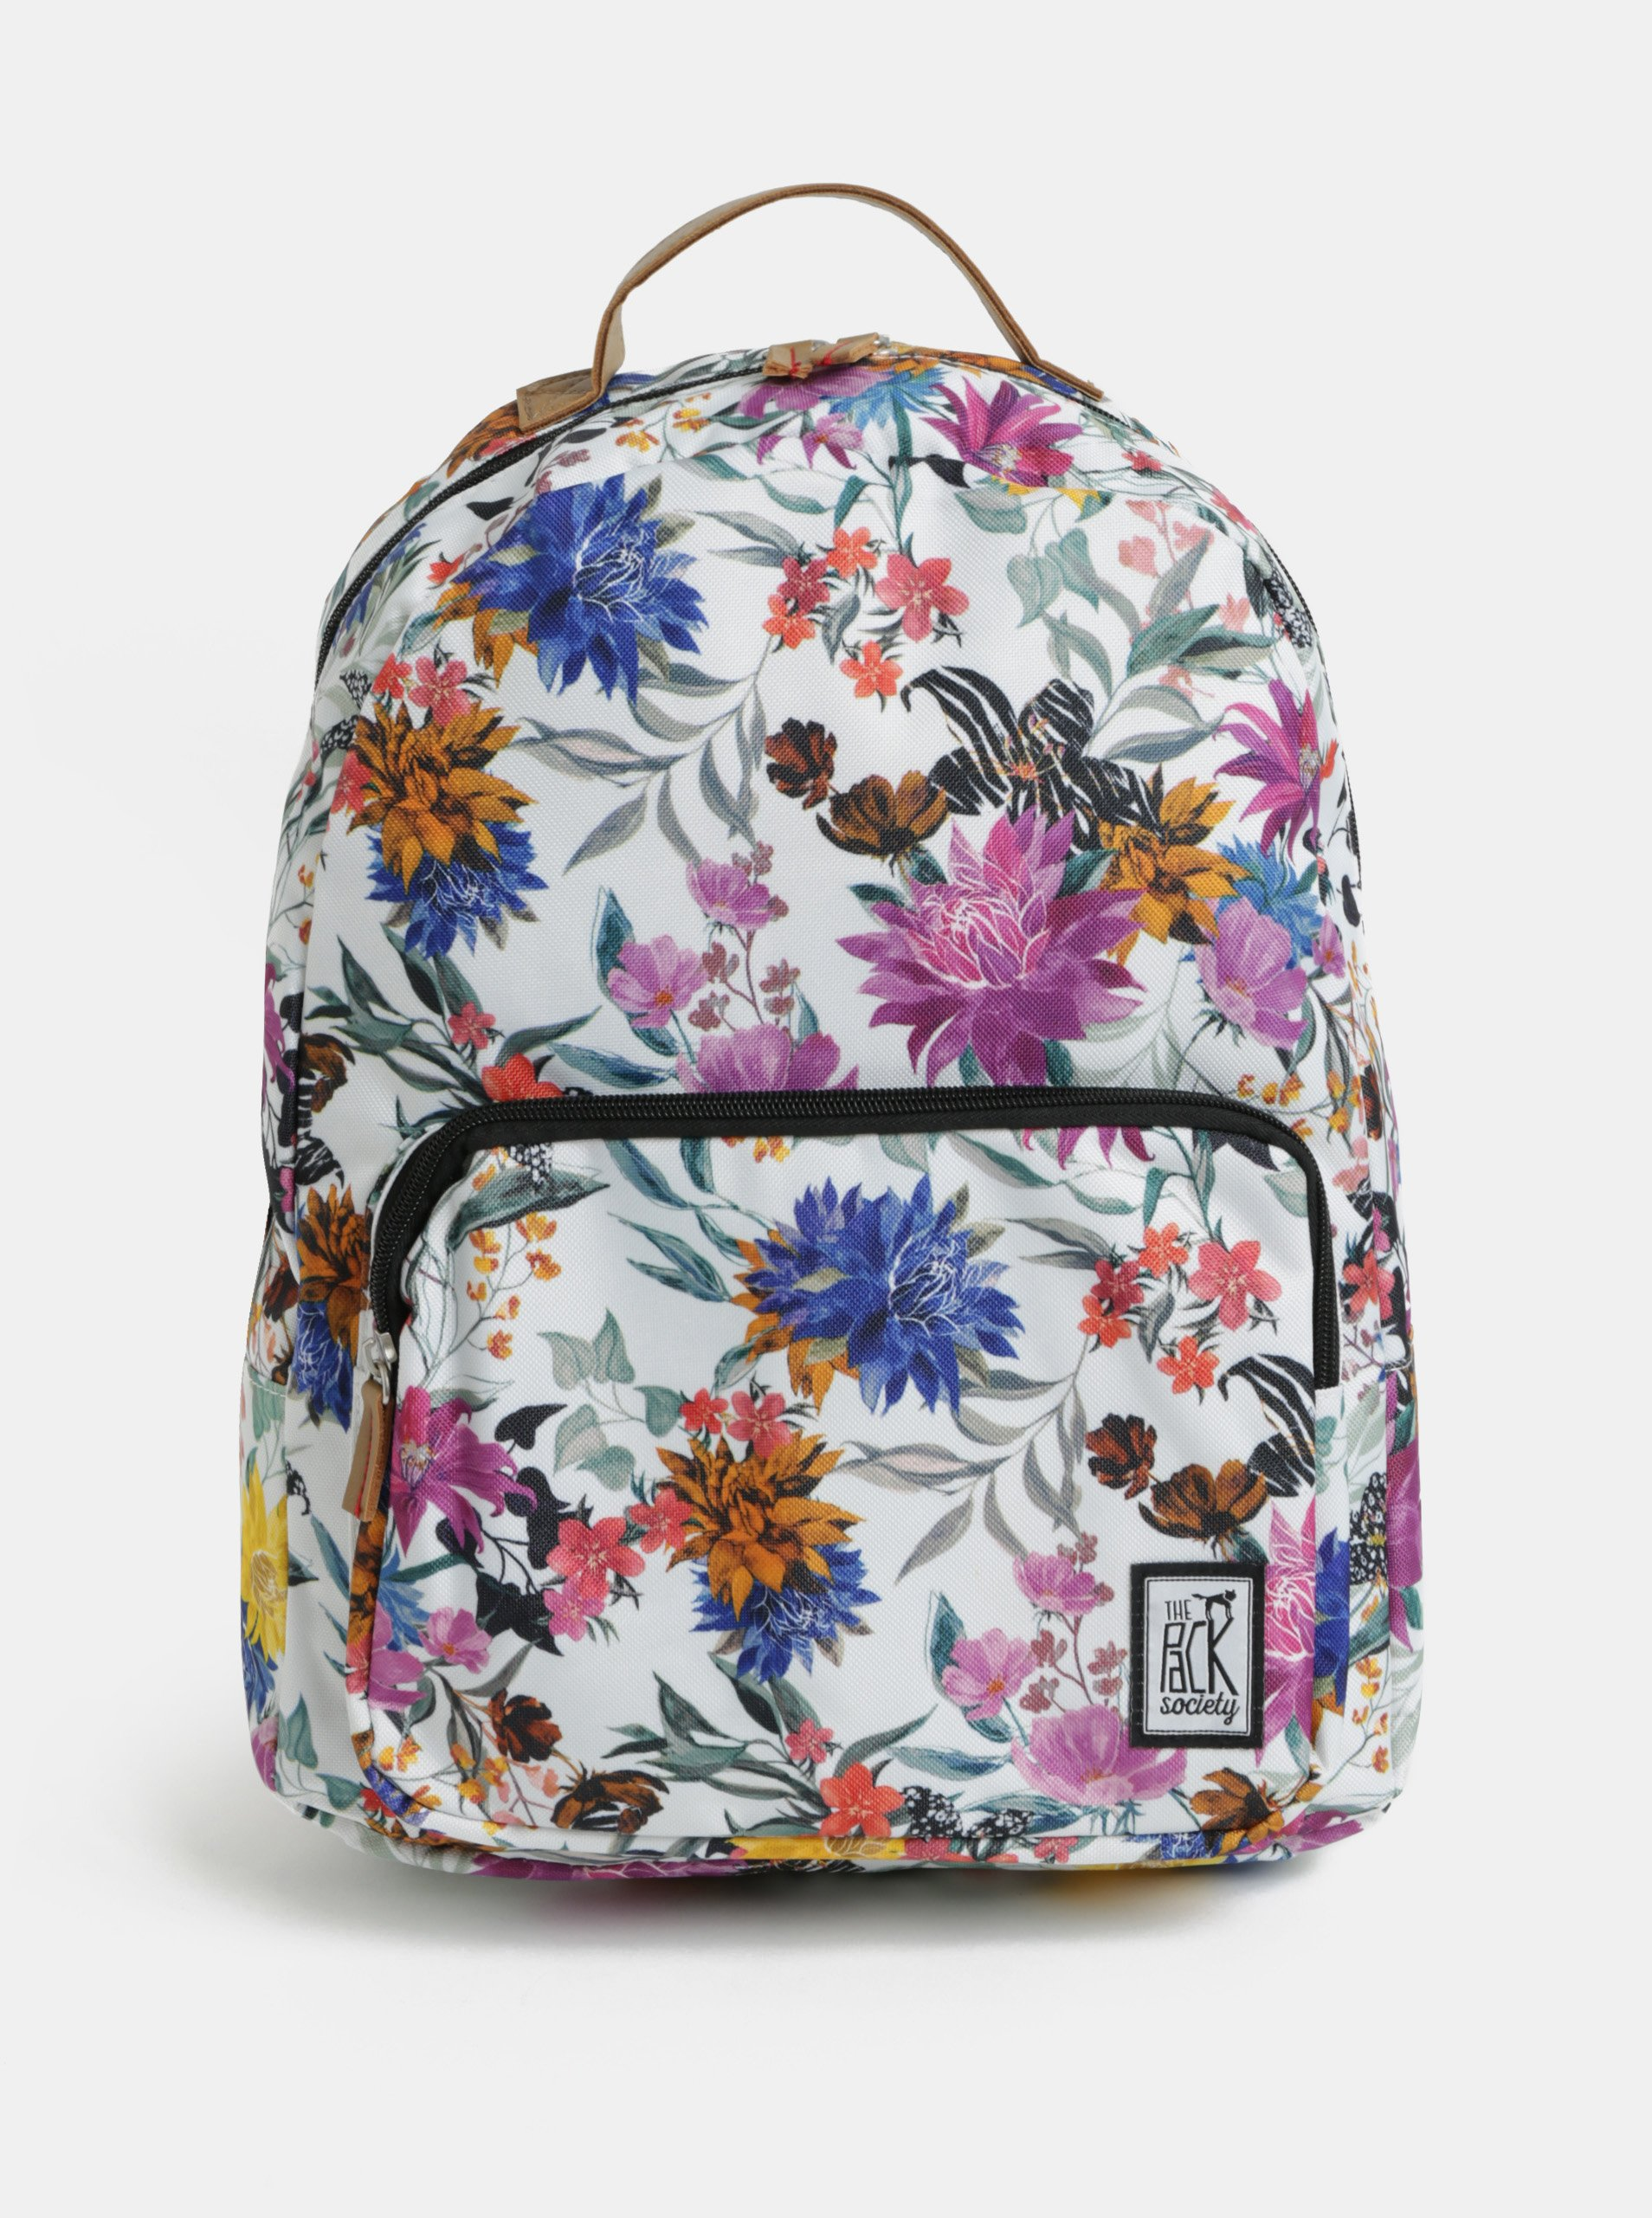 Fotografie Bílý dámský vzorovaný batoh The Pack Society 18 l